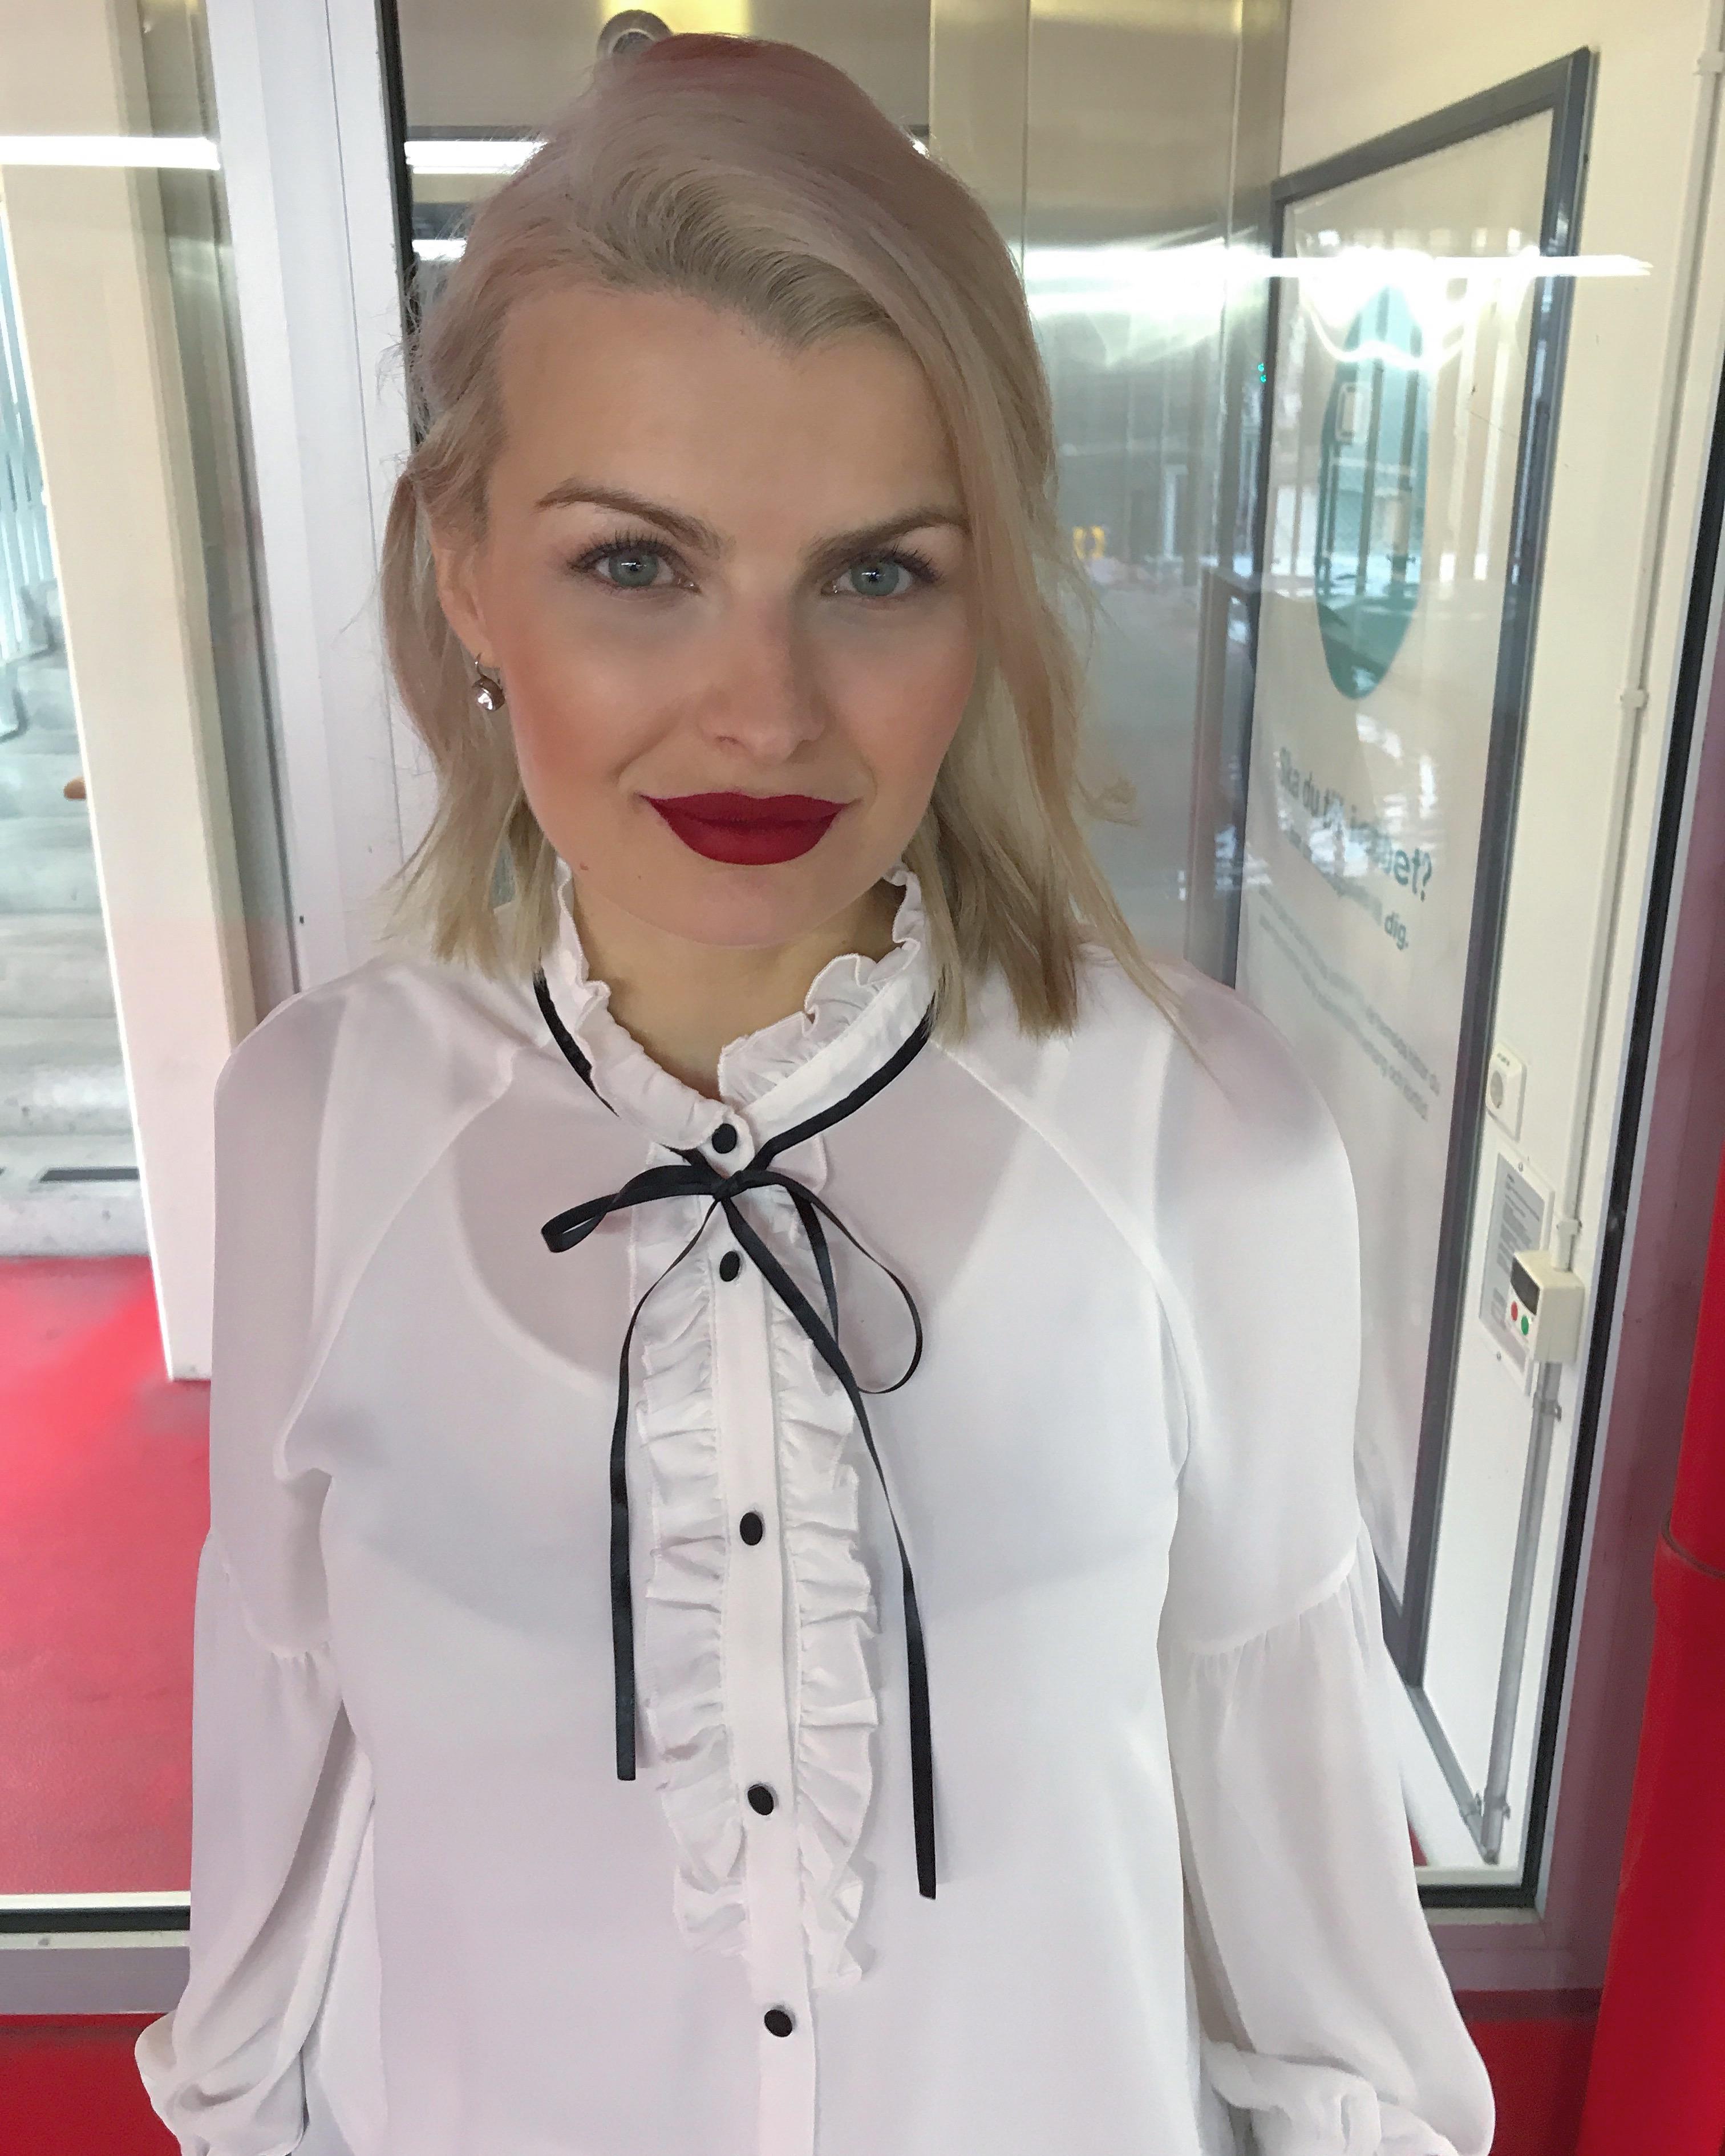 VIT BLUS & röda läppar från Anastasia i färgen Sarafine